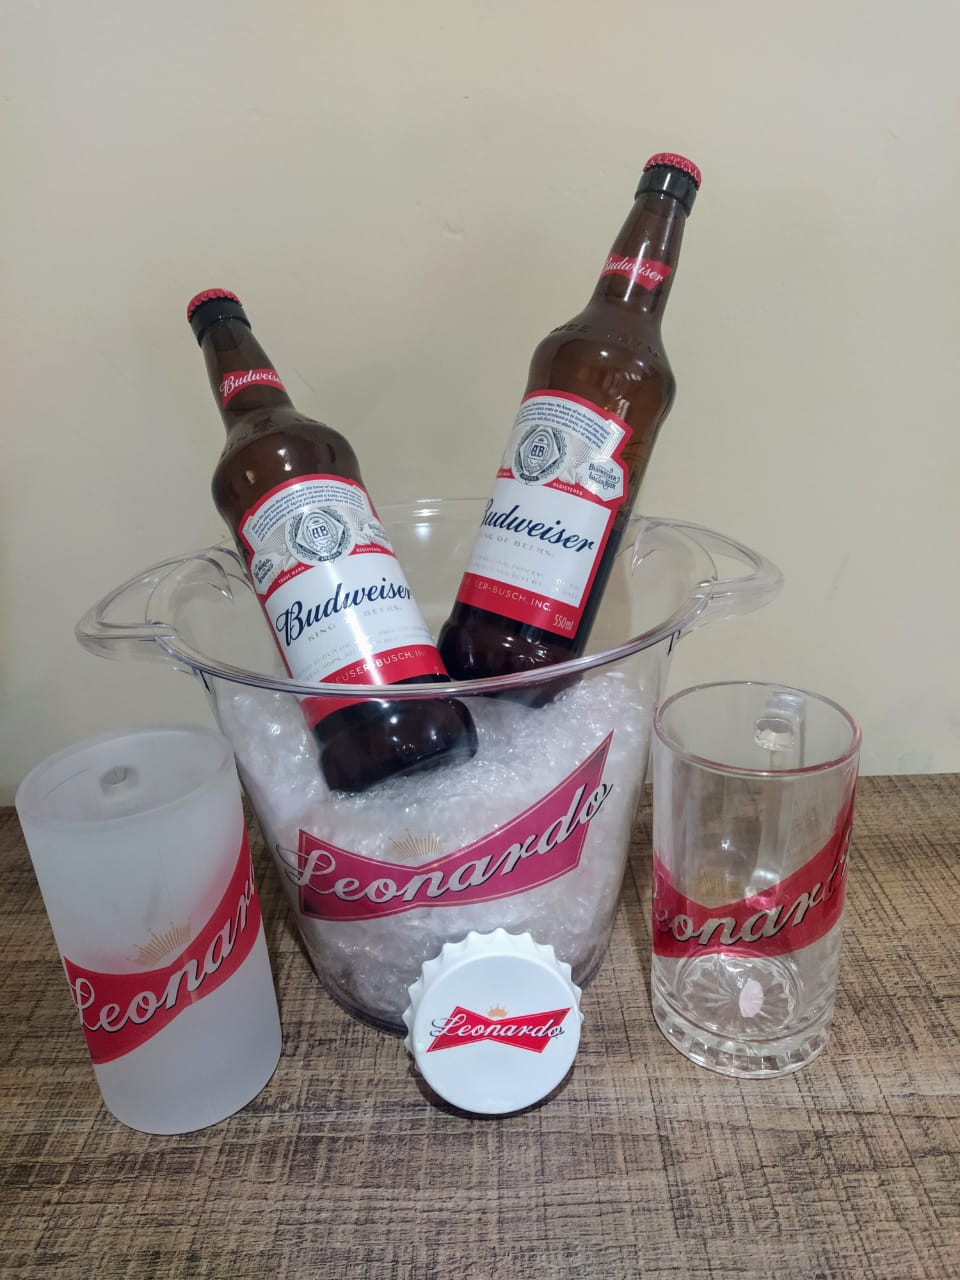 Baldes para gelo personalizados, canecas em vidro personalizadas, taças em vidro personalizadas, caneca gel, abridor de garrafas personalizado dentro outros produtos.